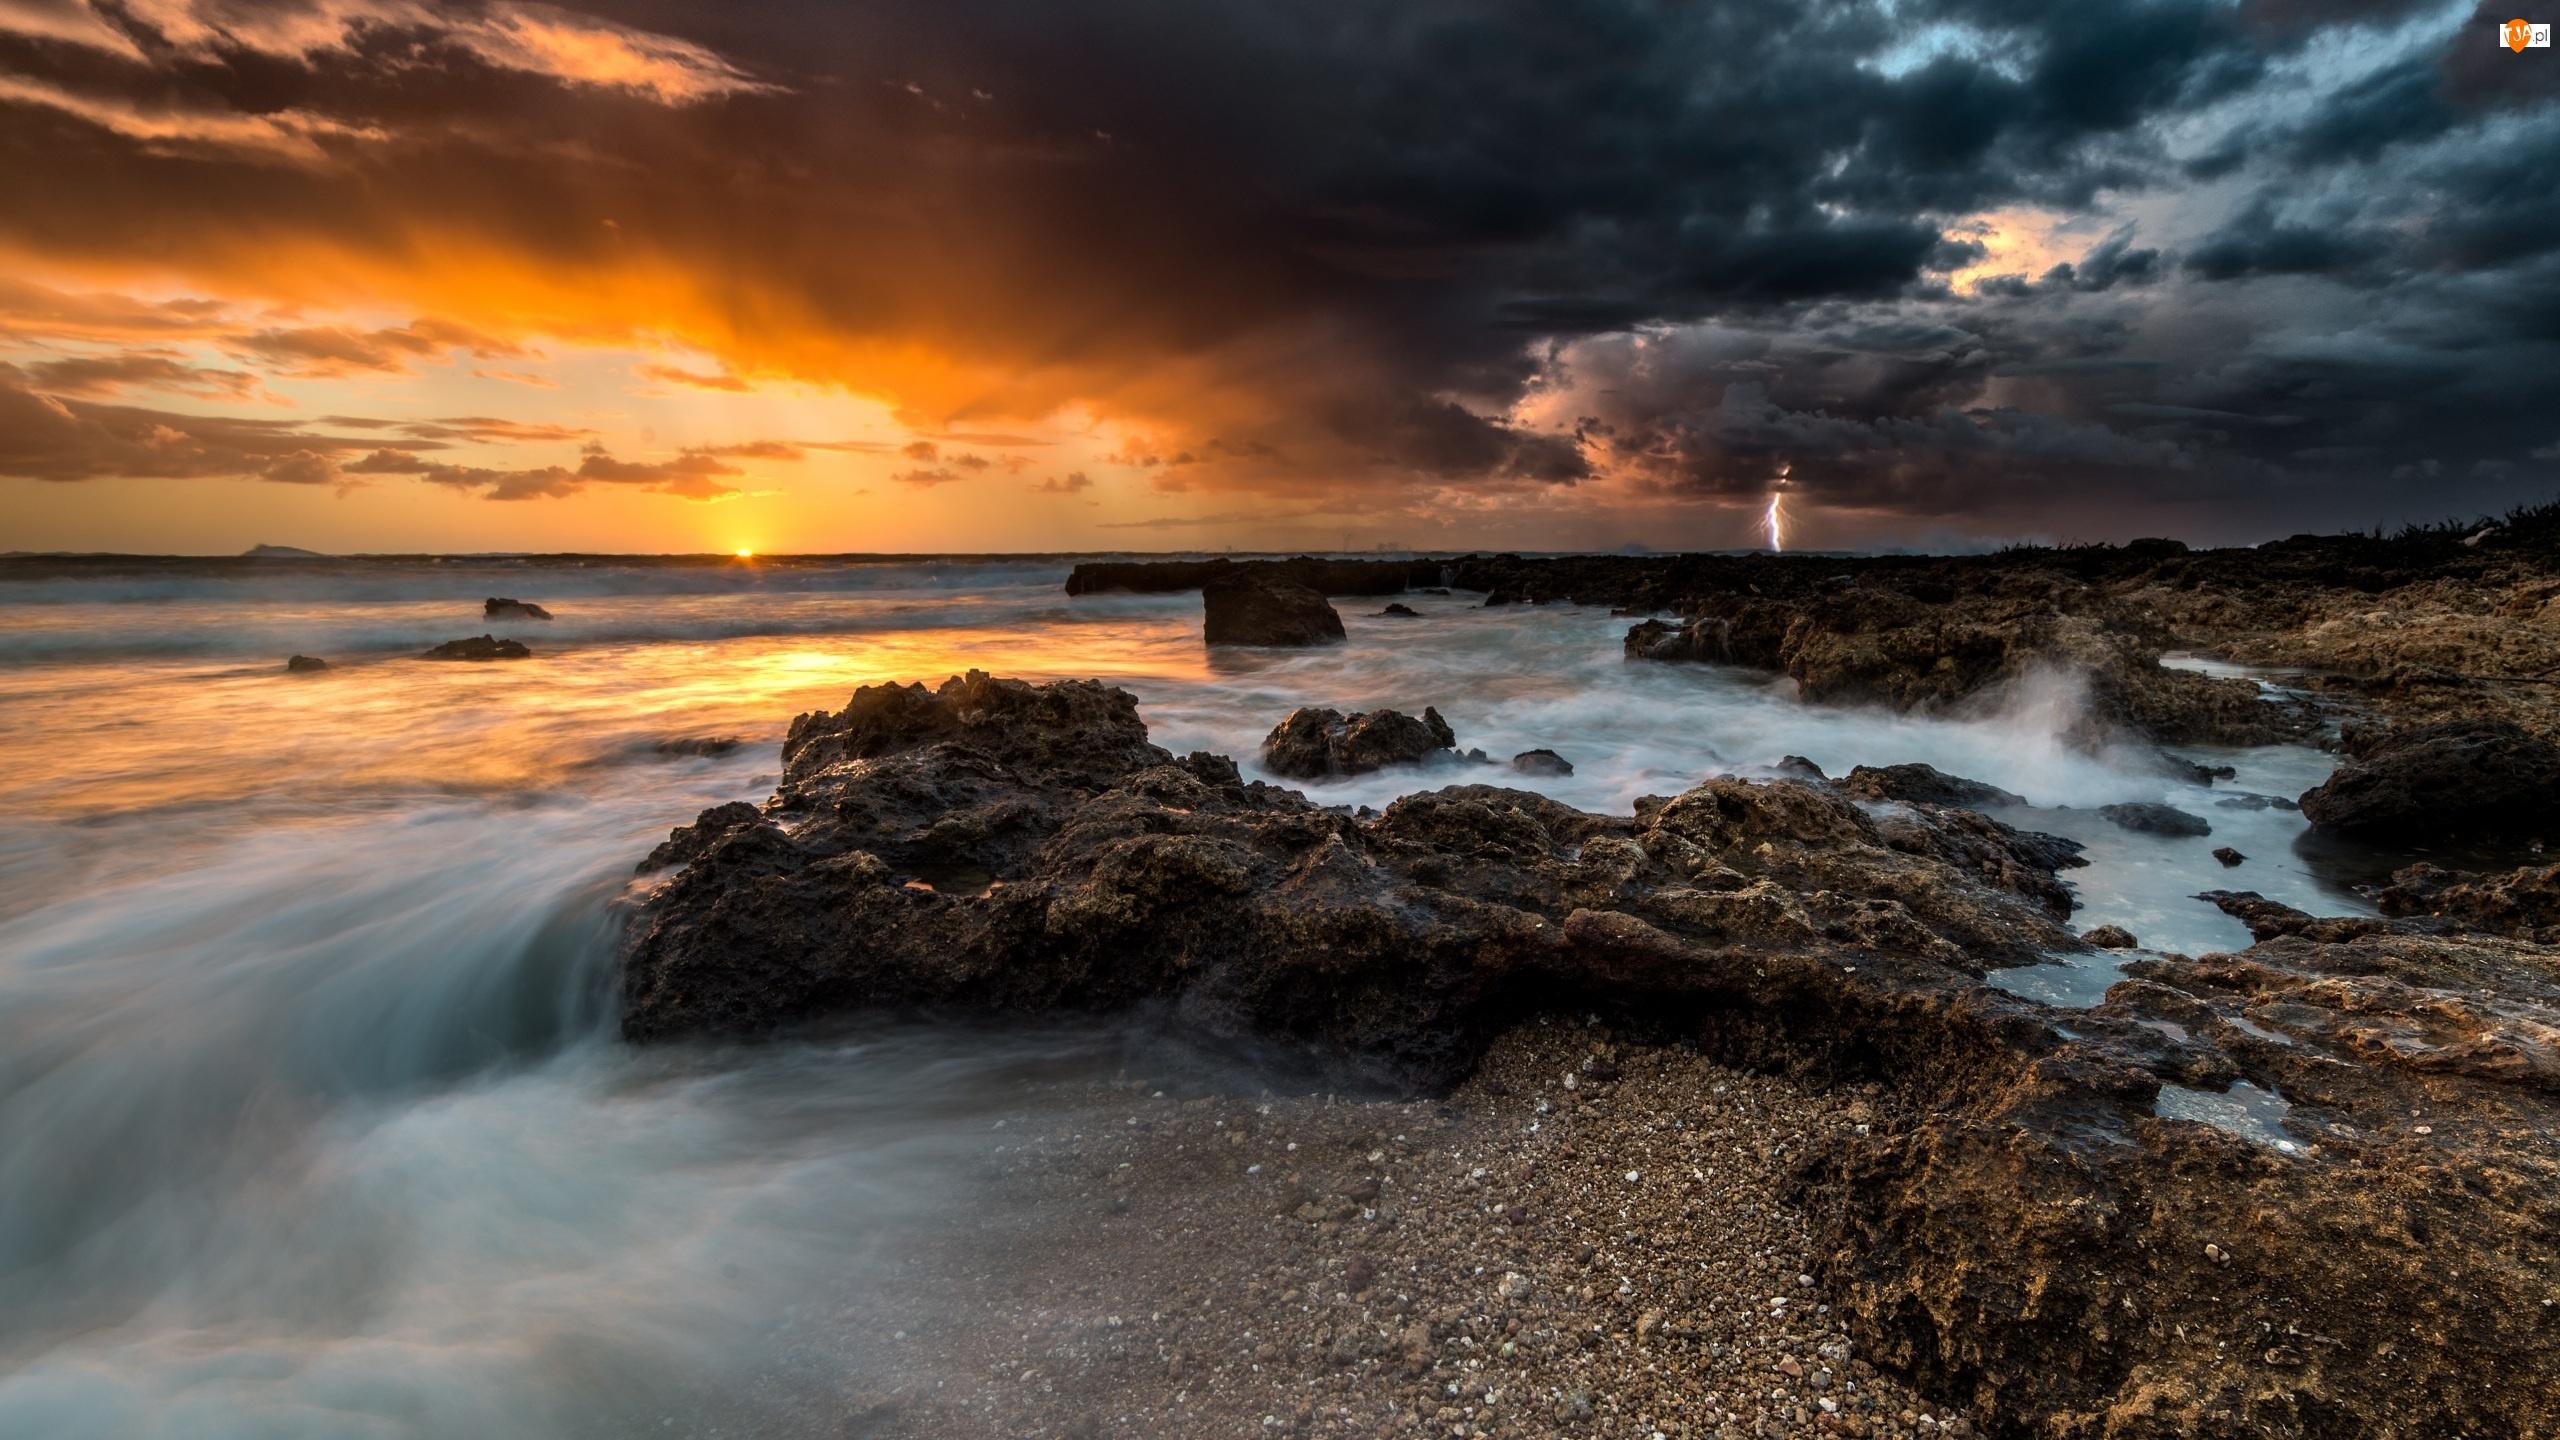 Morze, Piorun, Zachód słońca, Burza